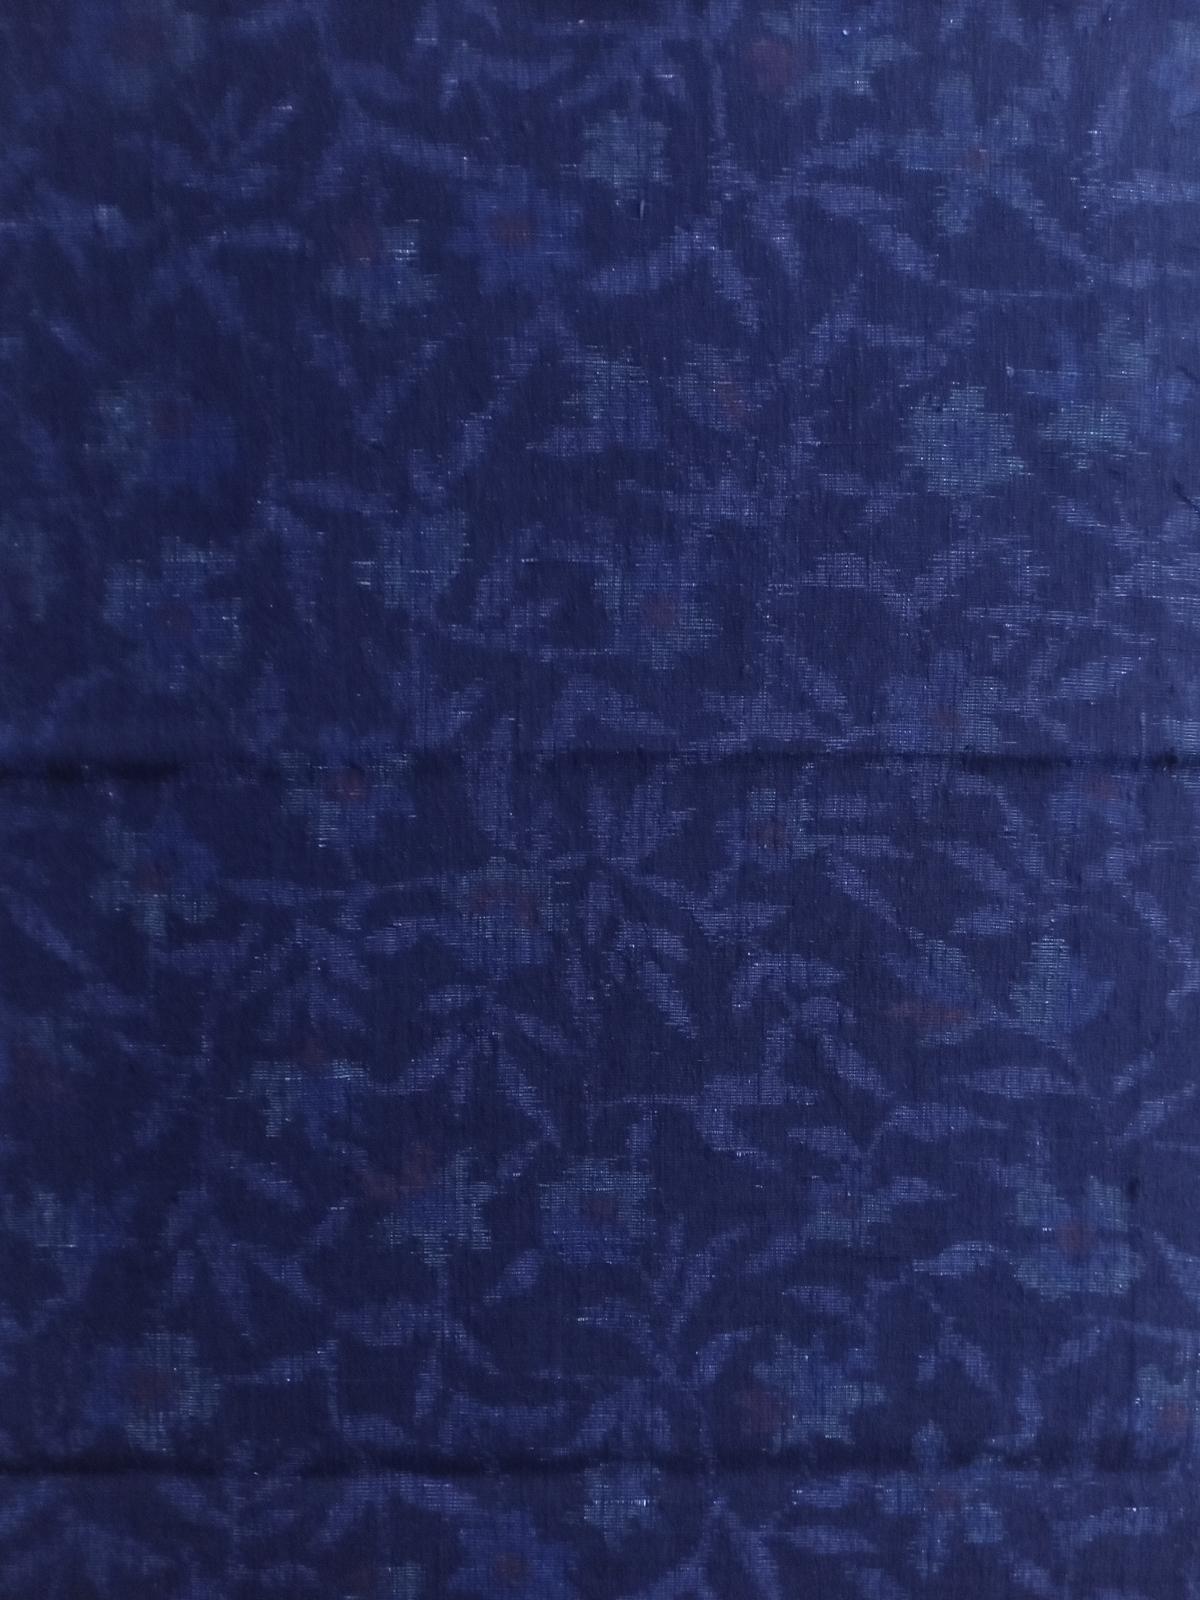 f:id:uribouwataru:20210525052449j:plain